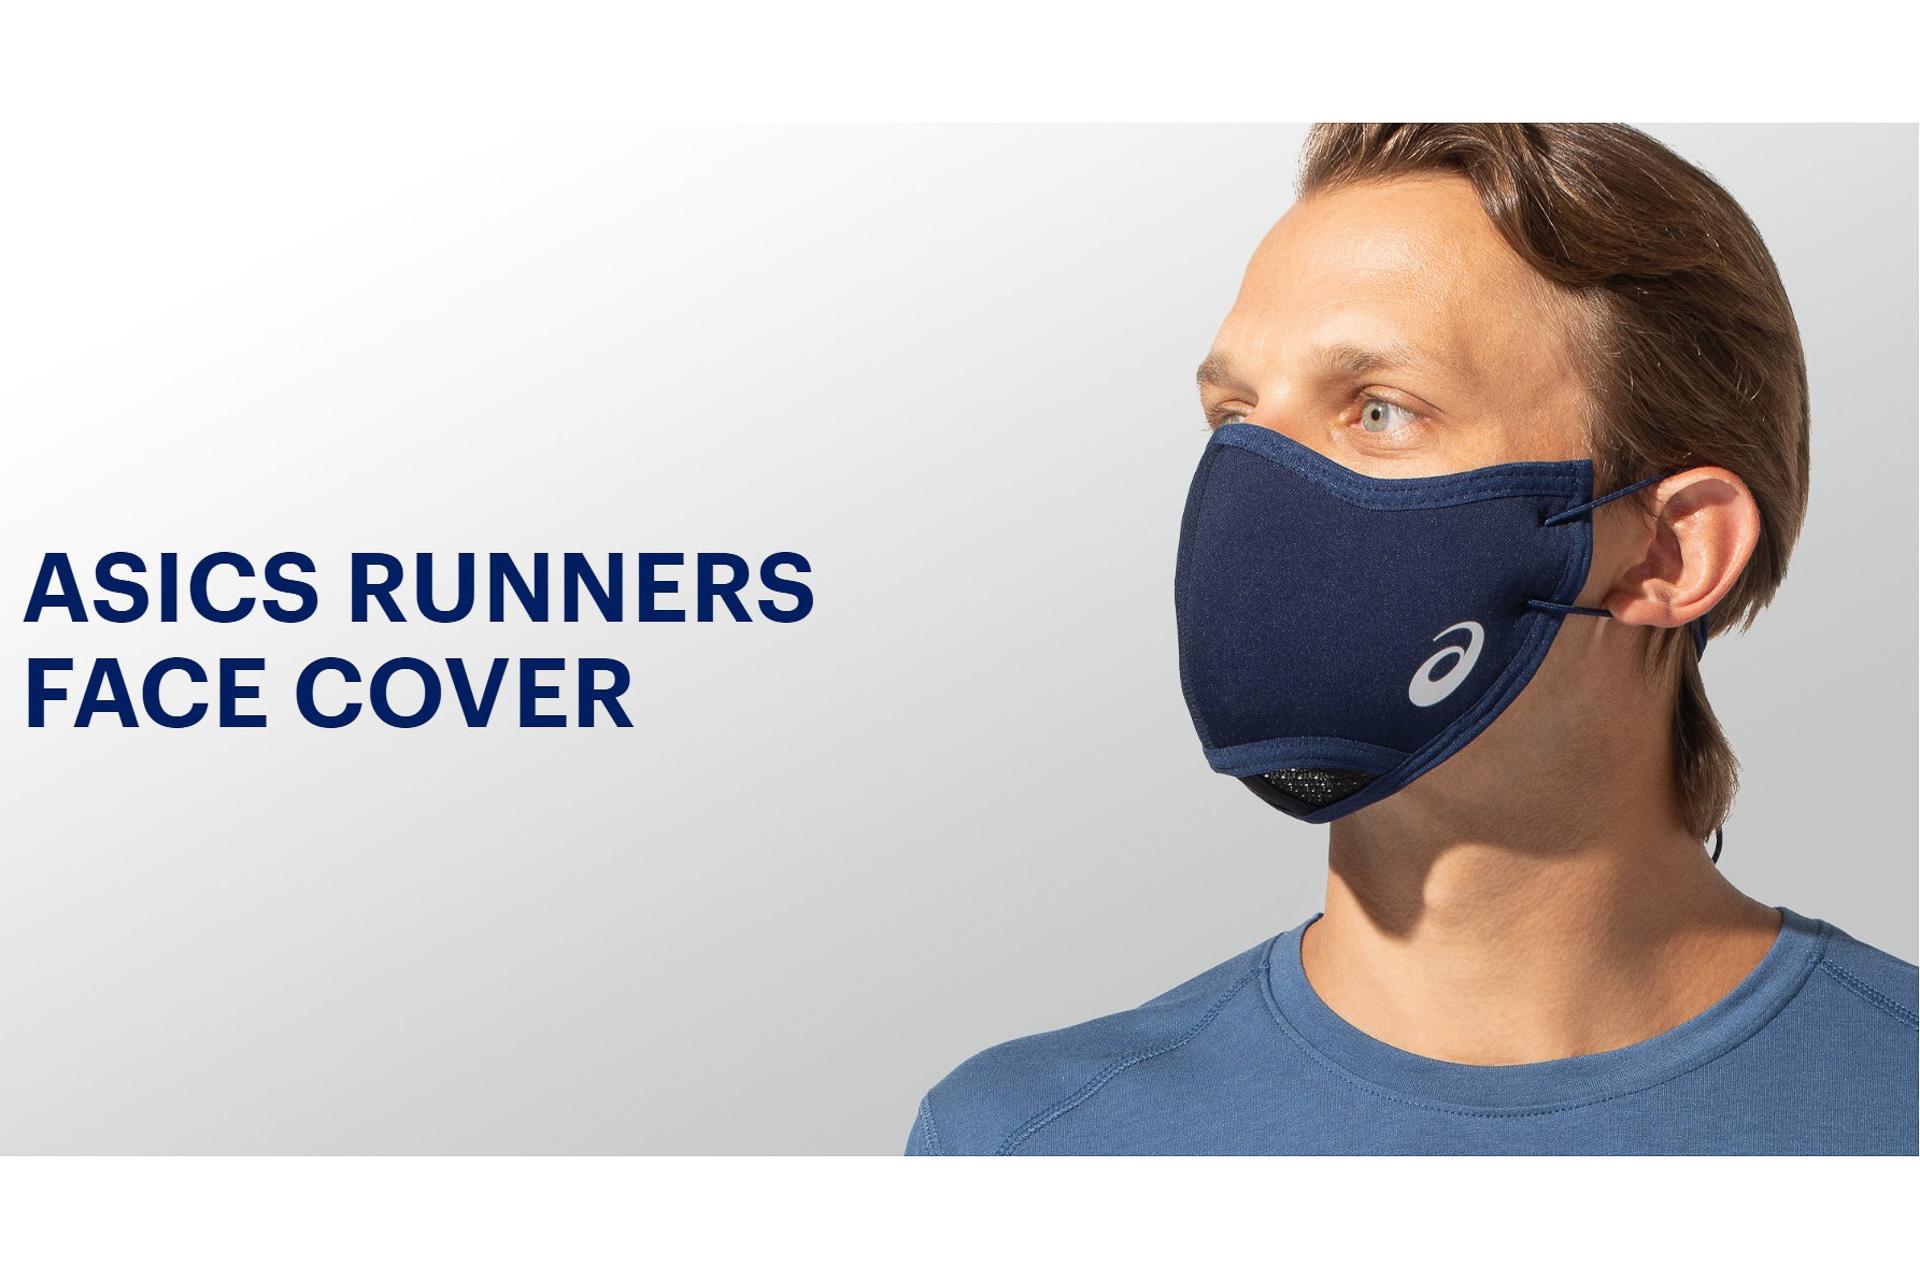 てる マスク 群馬 売っ 店